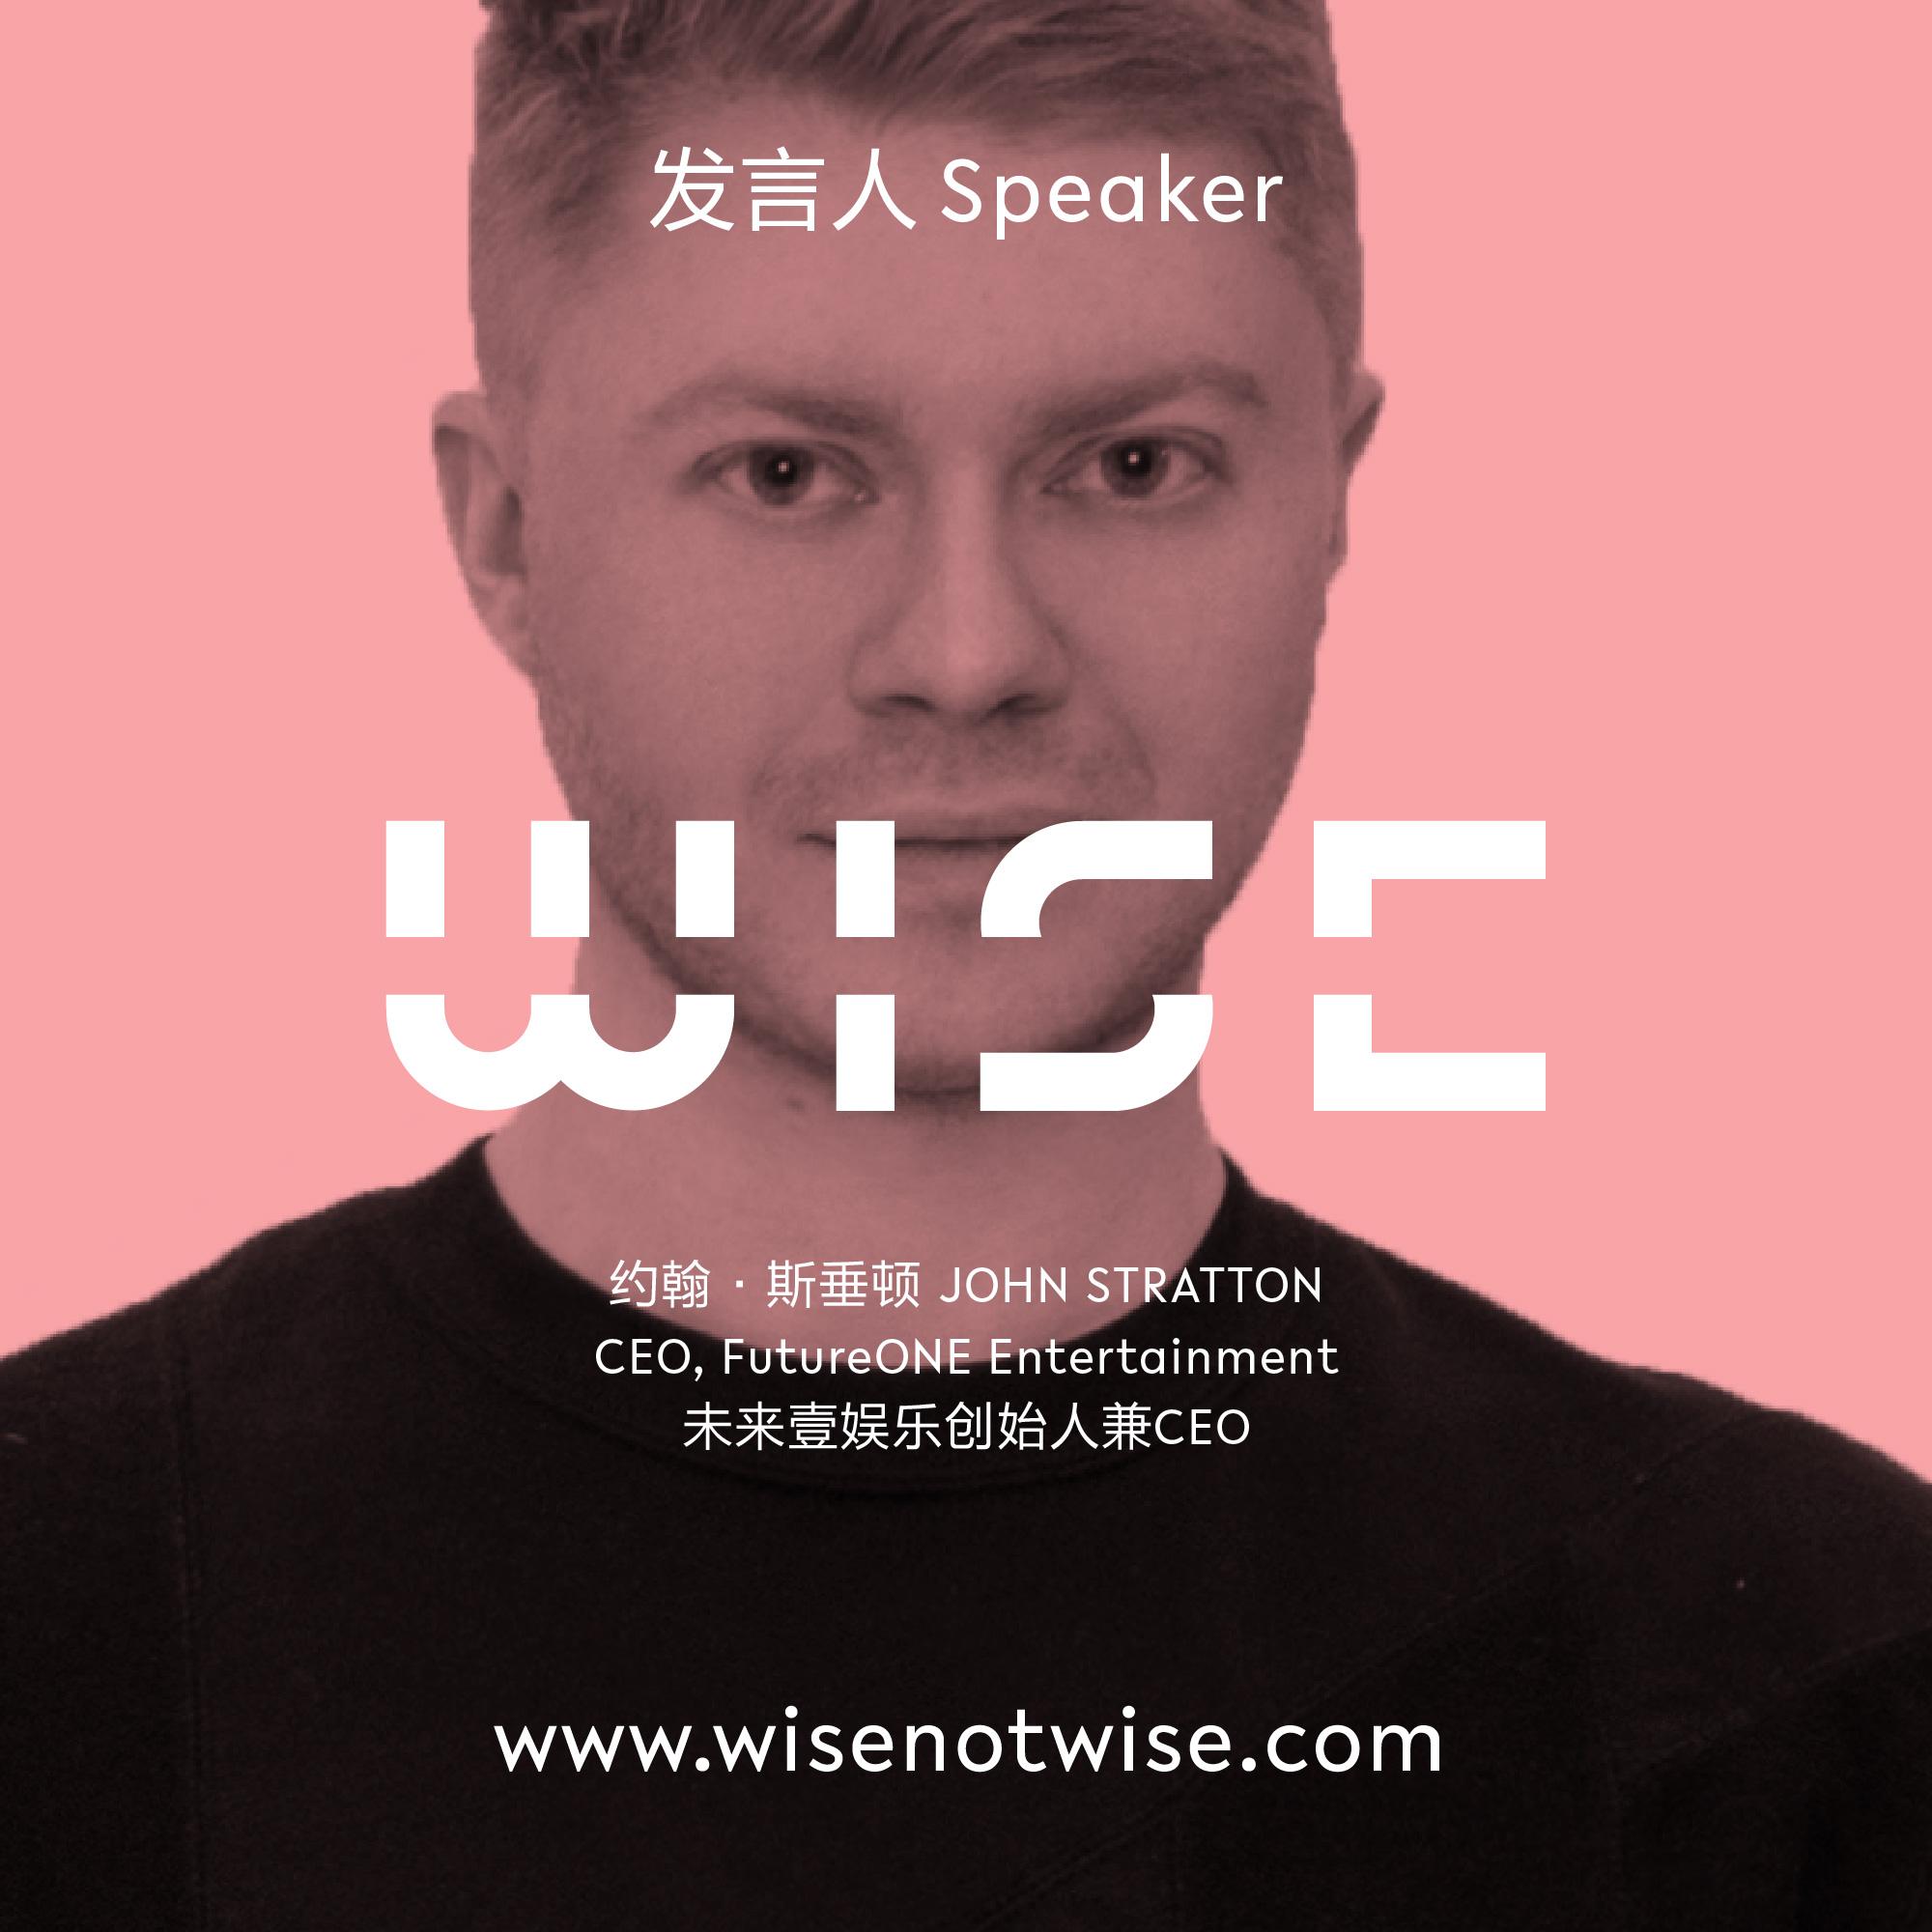 约翰·斯垂顿,未来壹娱乐创始人兼CEO